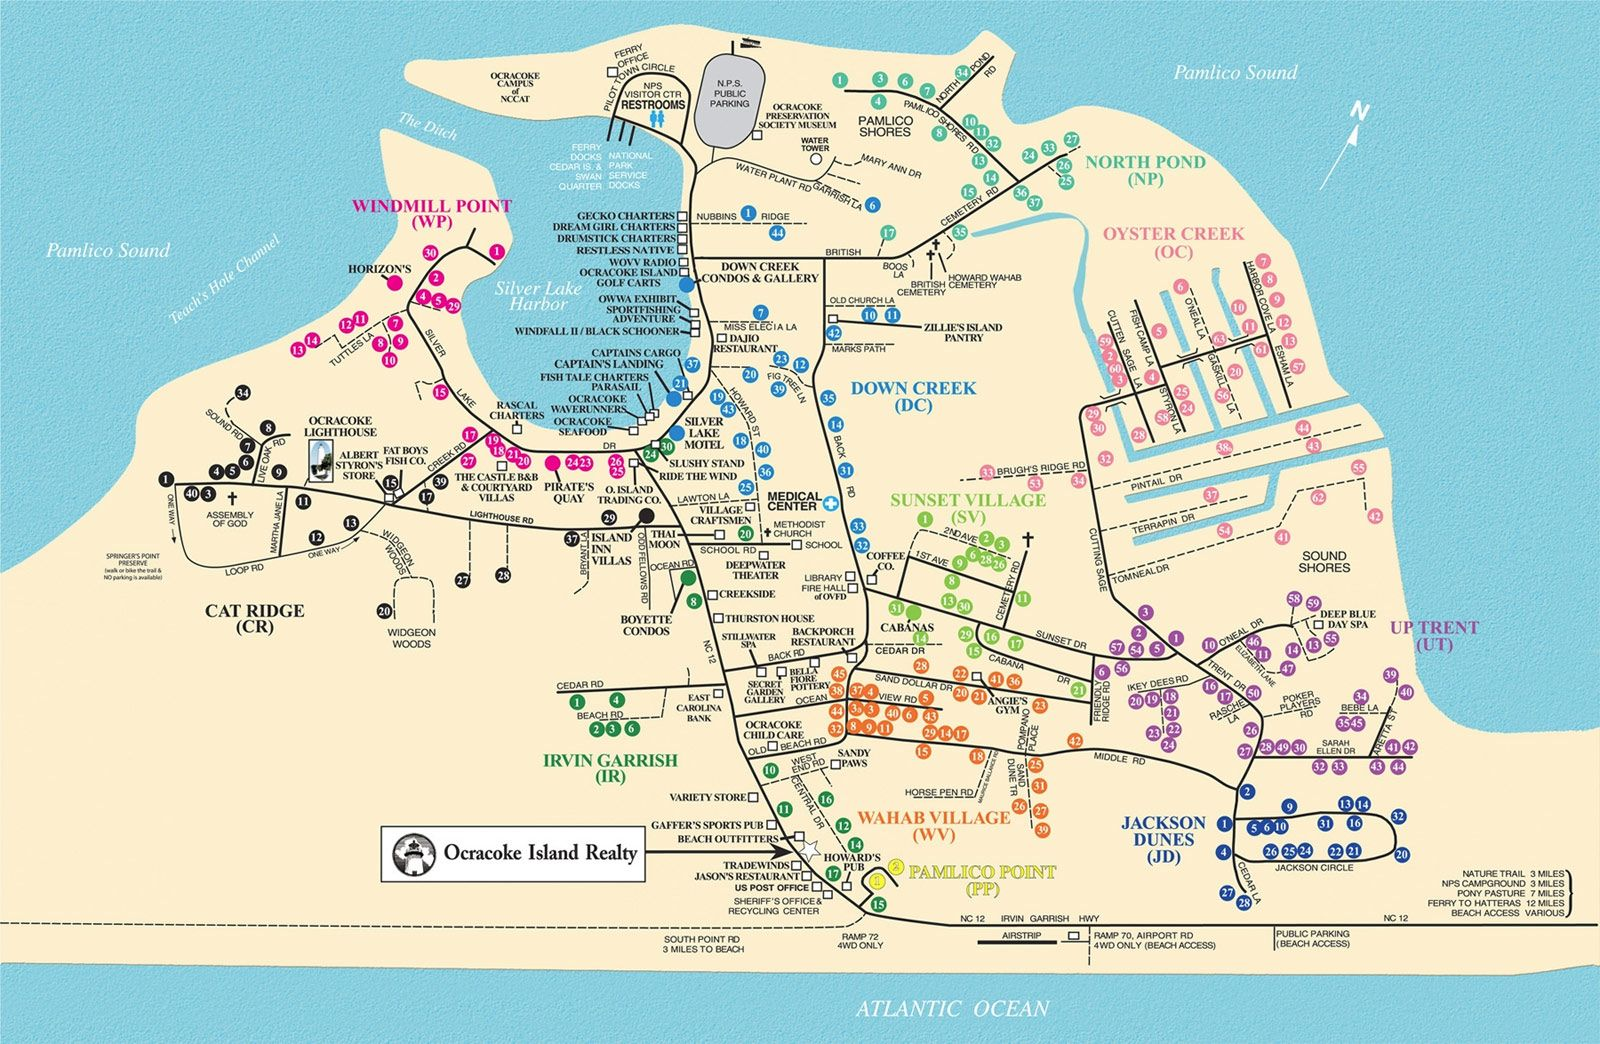 Ocracoke Island Realty Rental Map Ocracoke Island Island Ocracoke